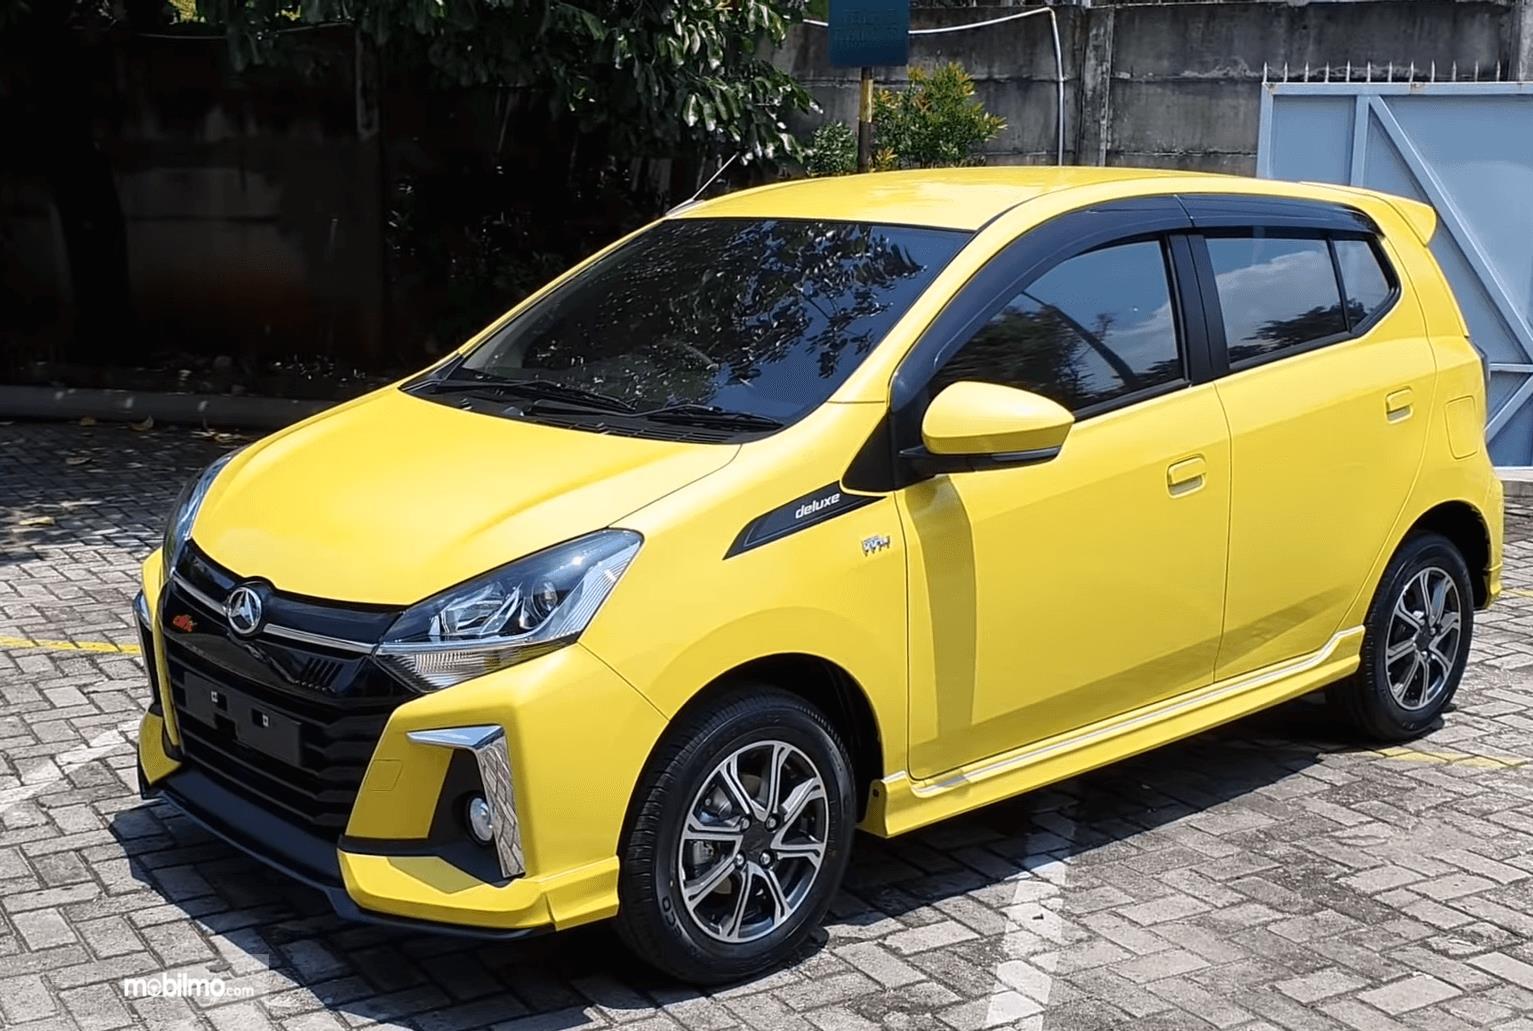 Gambar ini menunjukkan bagian samping kiri dan depan Mobil Daihatsu Ayla 1.2 R Deluxe AT 2020